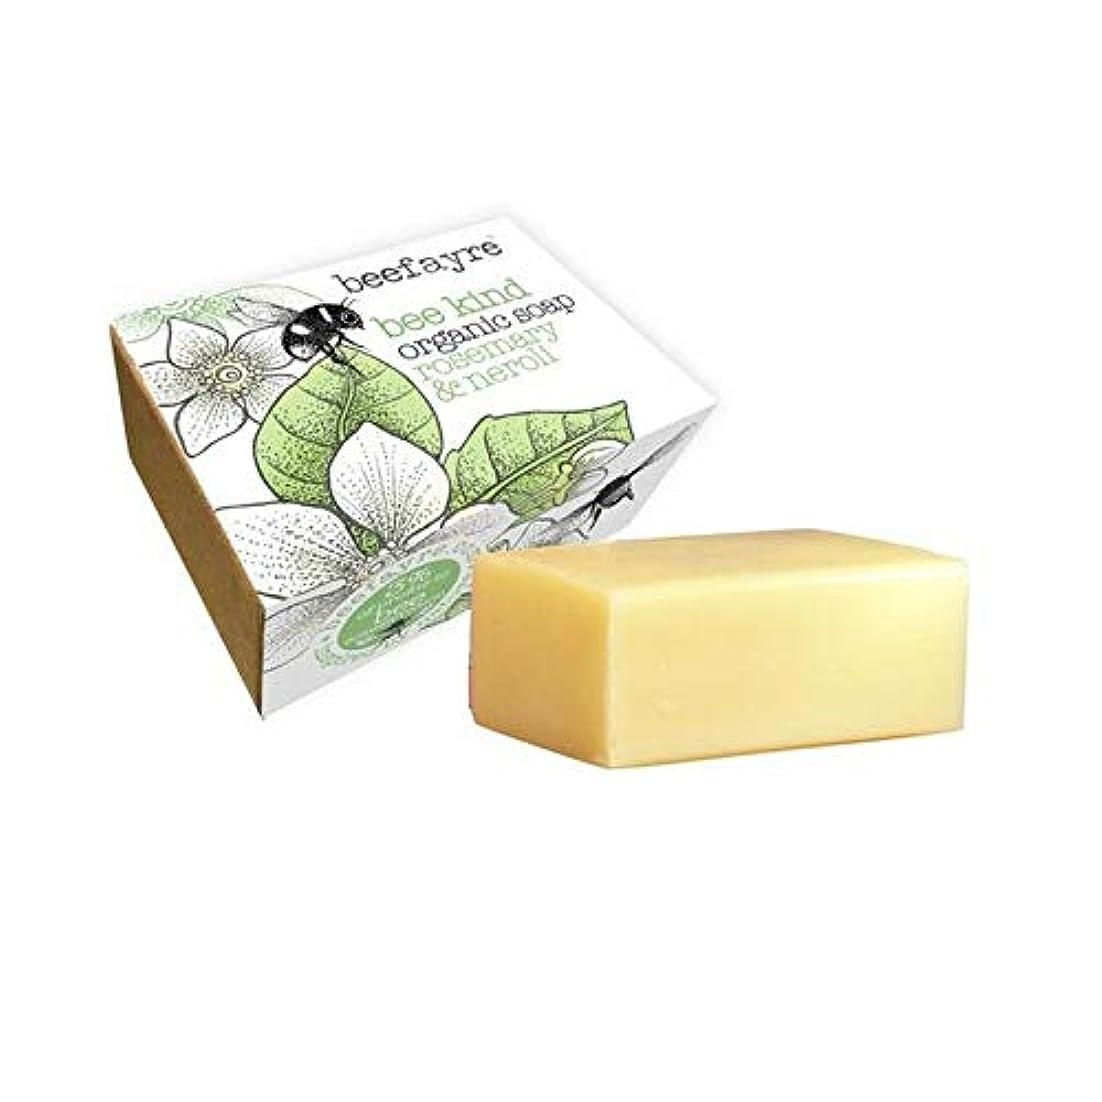 マイクロプロセッサトチの実の木散文[Beefayre] 有機ローズマリー&ネロリソープバー100グラムBeefayre - Beefayre Organic Rosemary & Neroli Soap Bar 100g [並行輸入品]